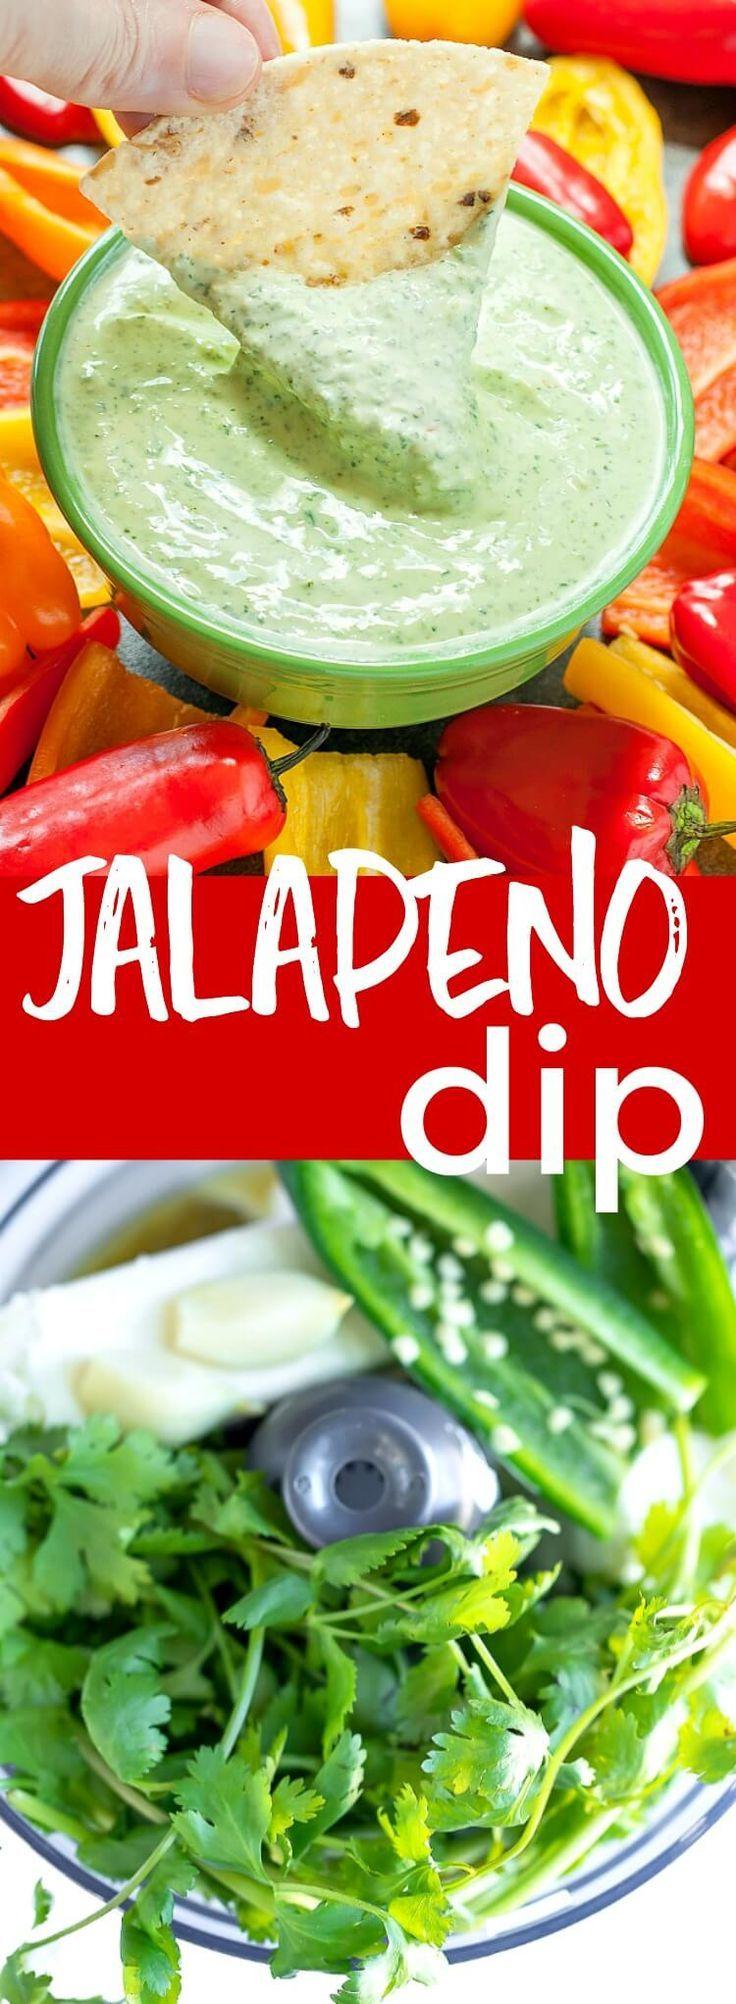 Jalapeño Dip